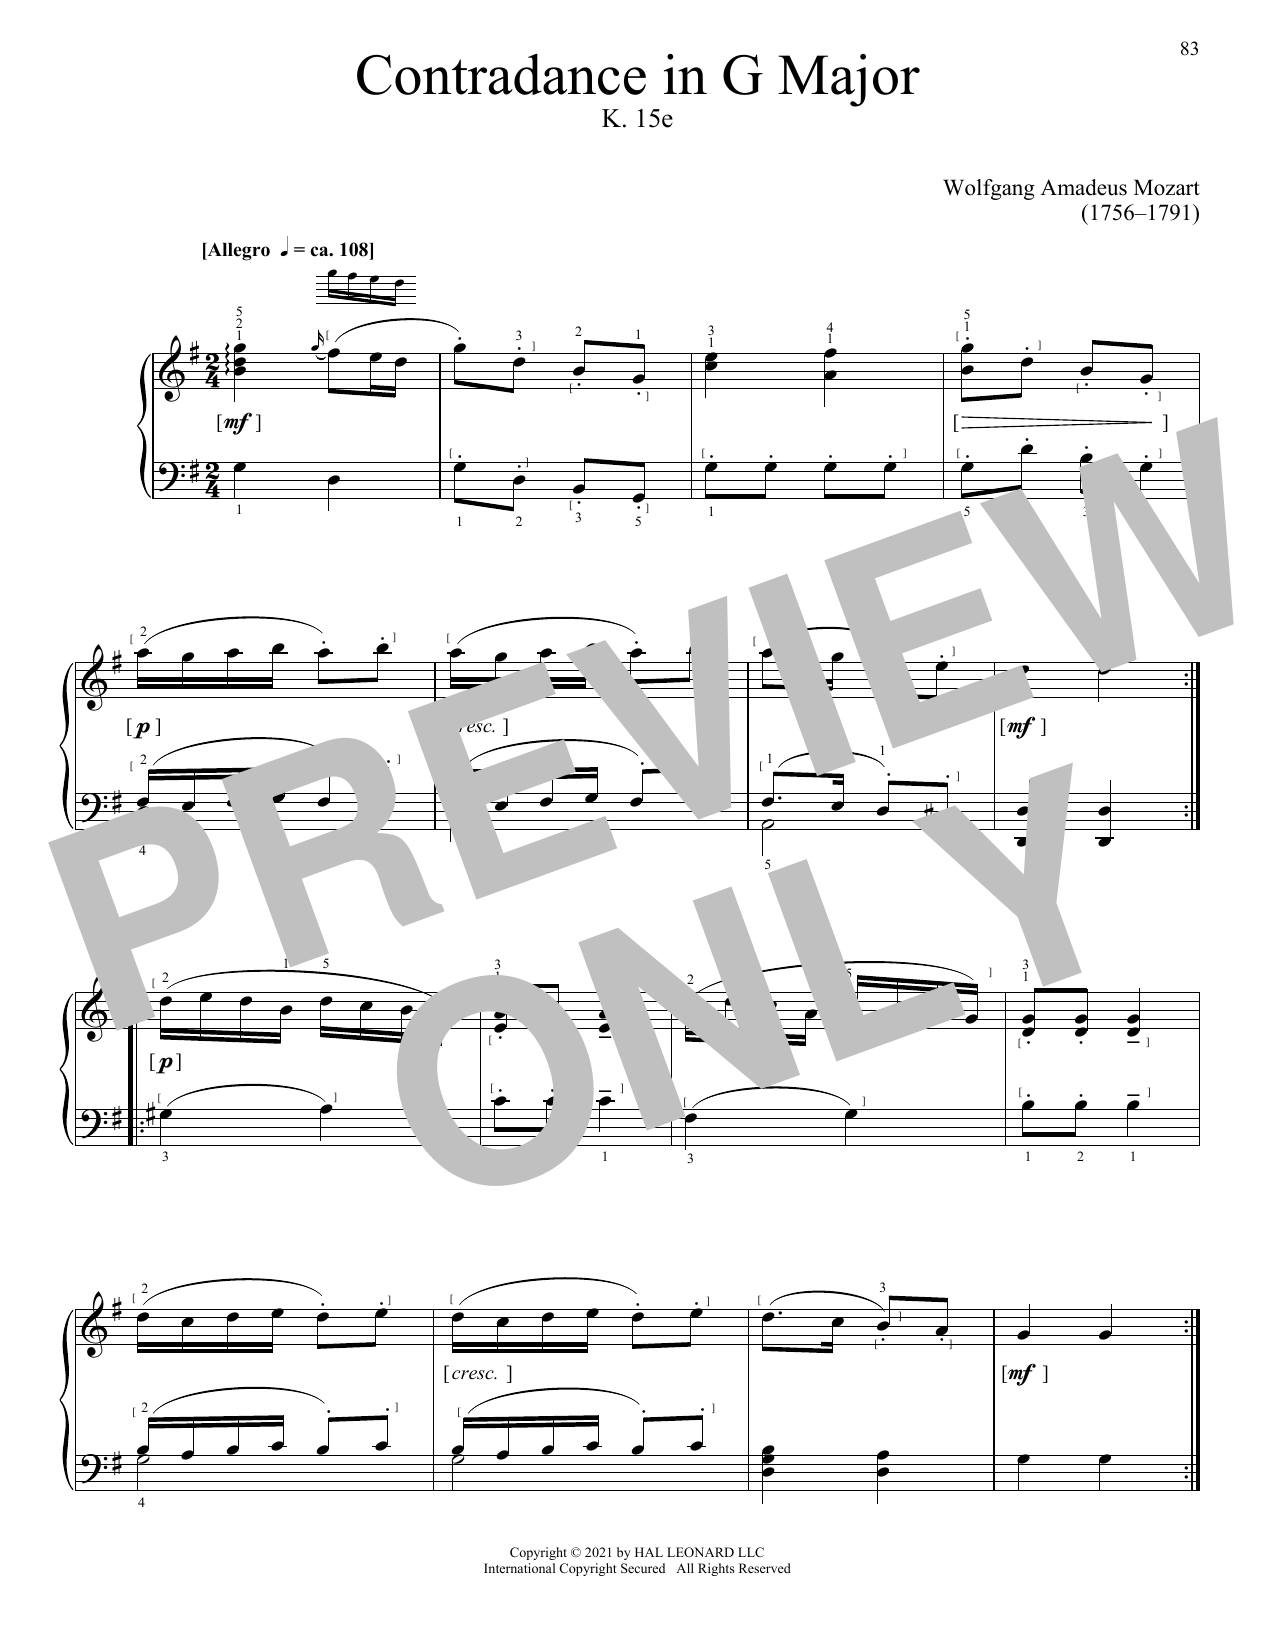 Partition piano Contradance In G Major, K. 15e de Wolfgang Amadeus Mozart - Piano Solo